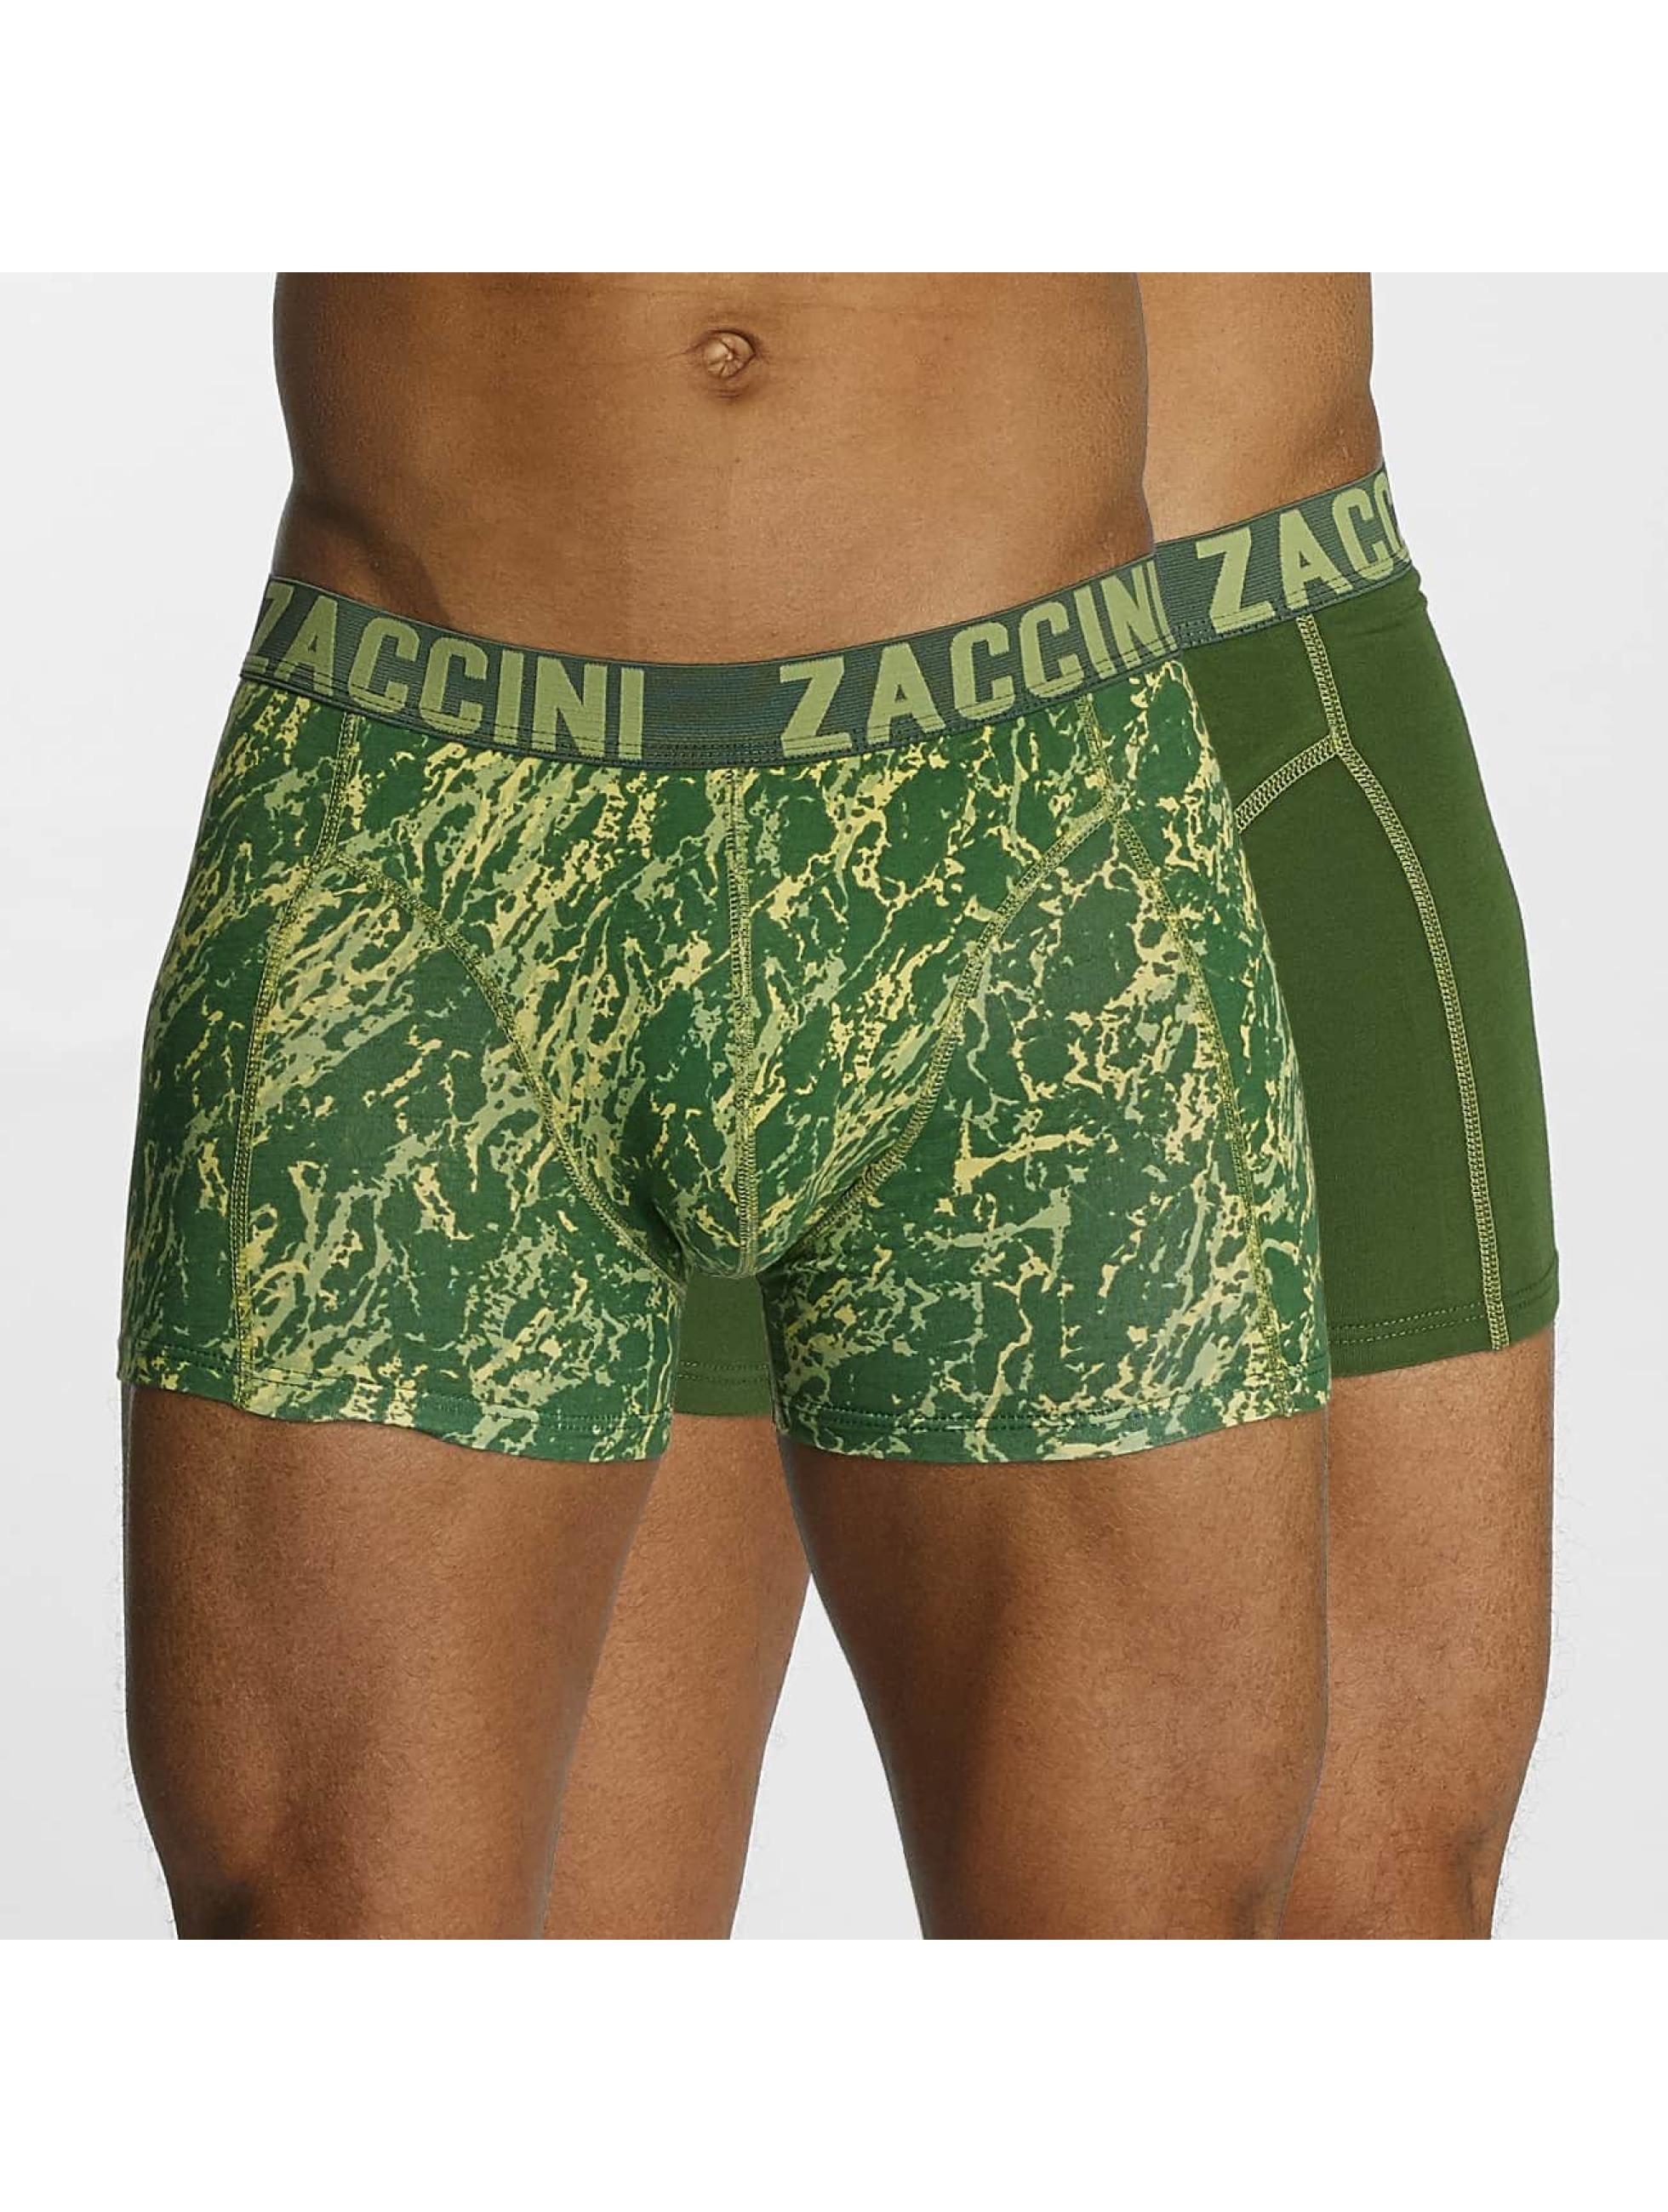 Zaccini Boxer Short Mineral green